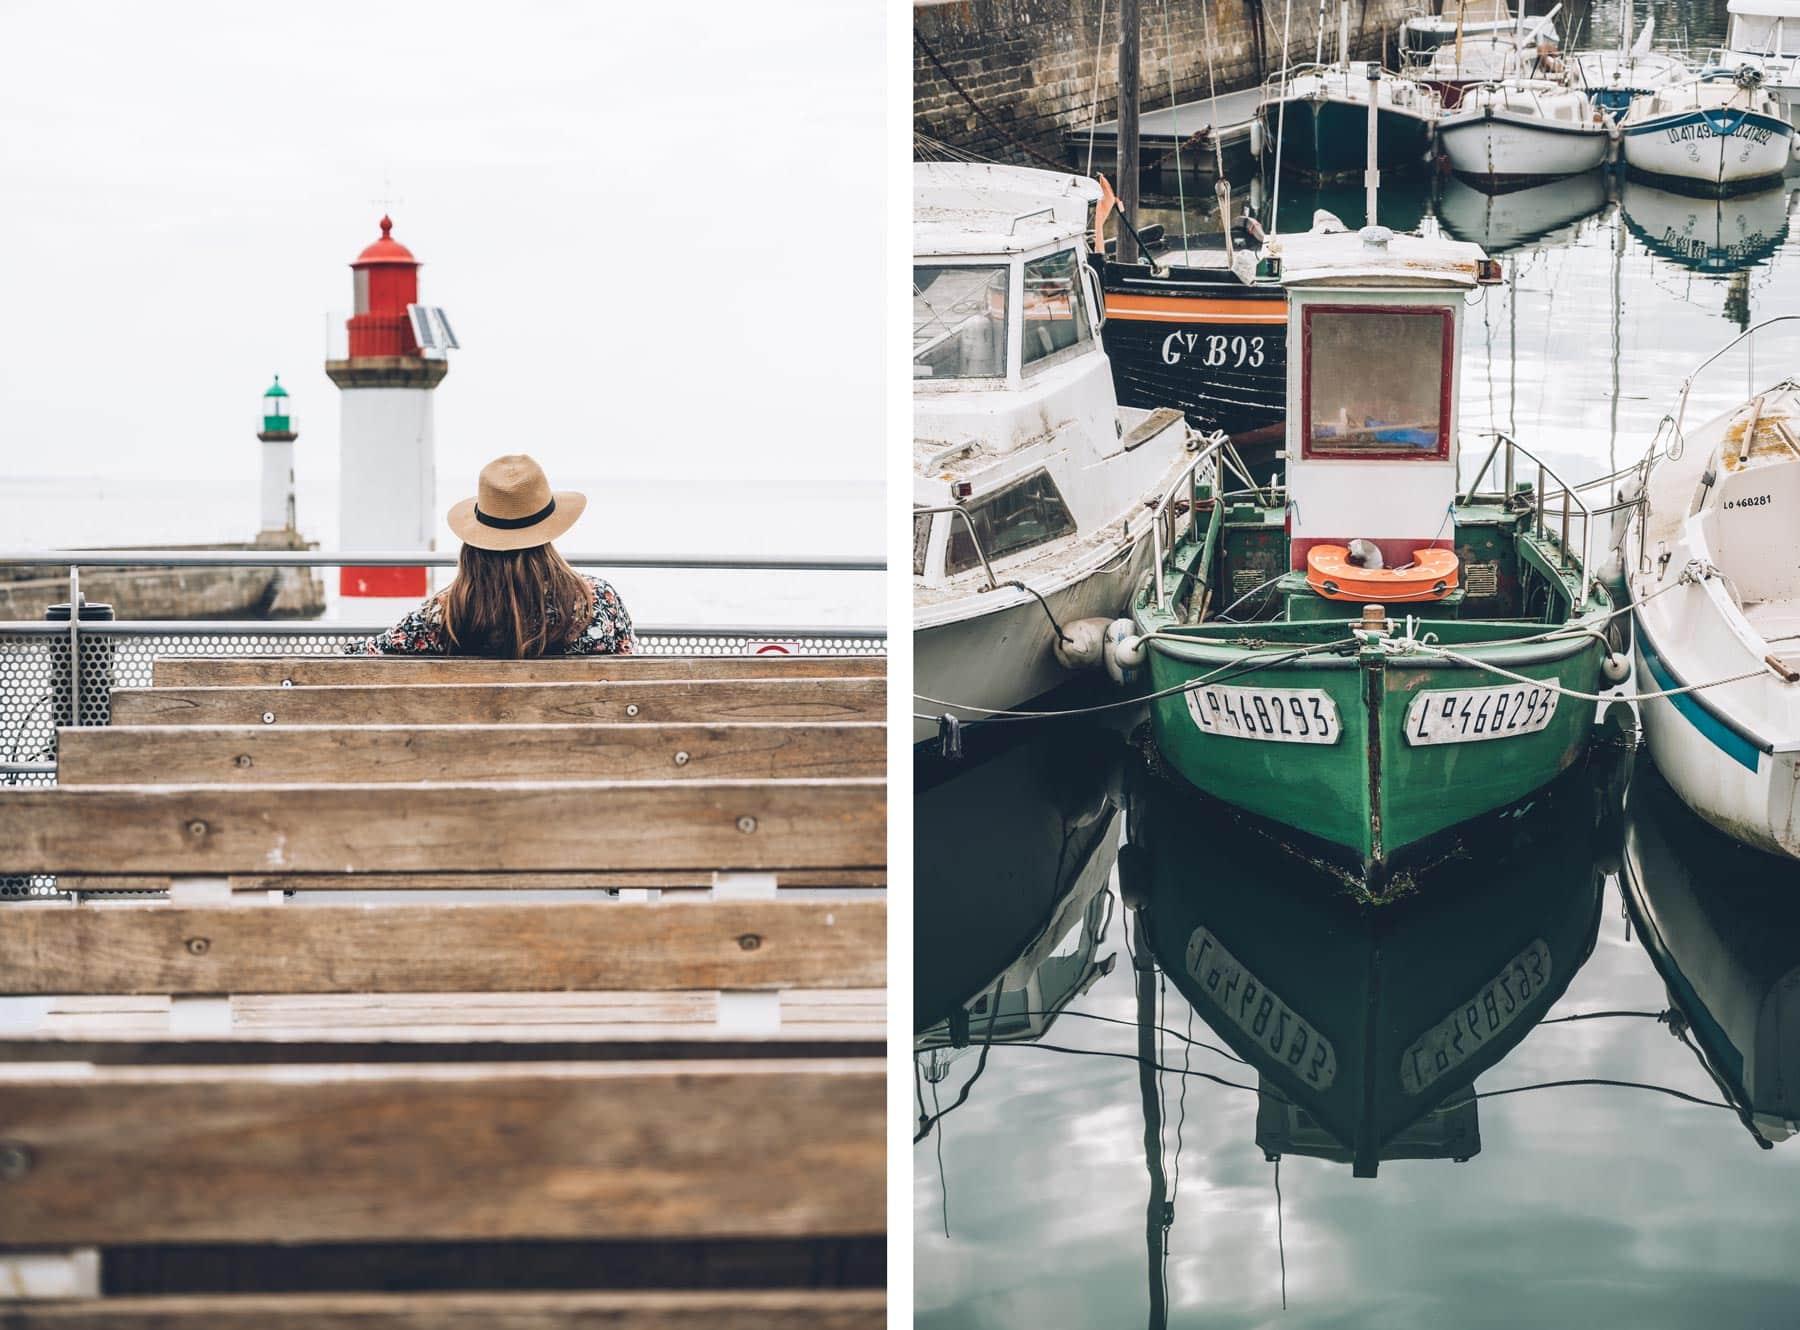 Ferry Lorient-Ile de groix